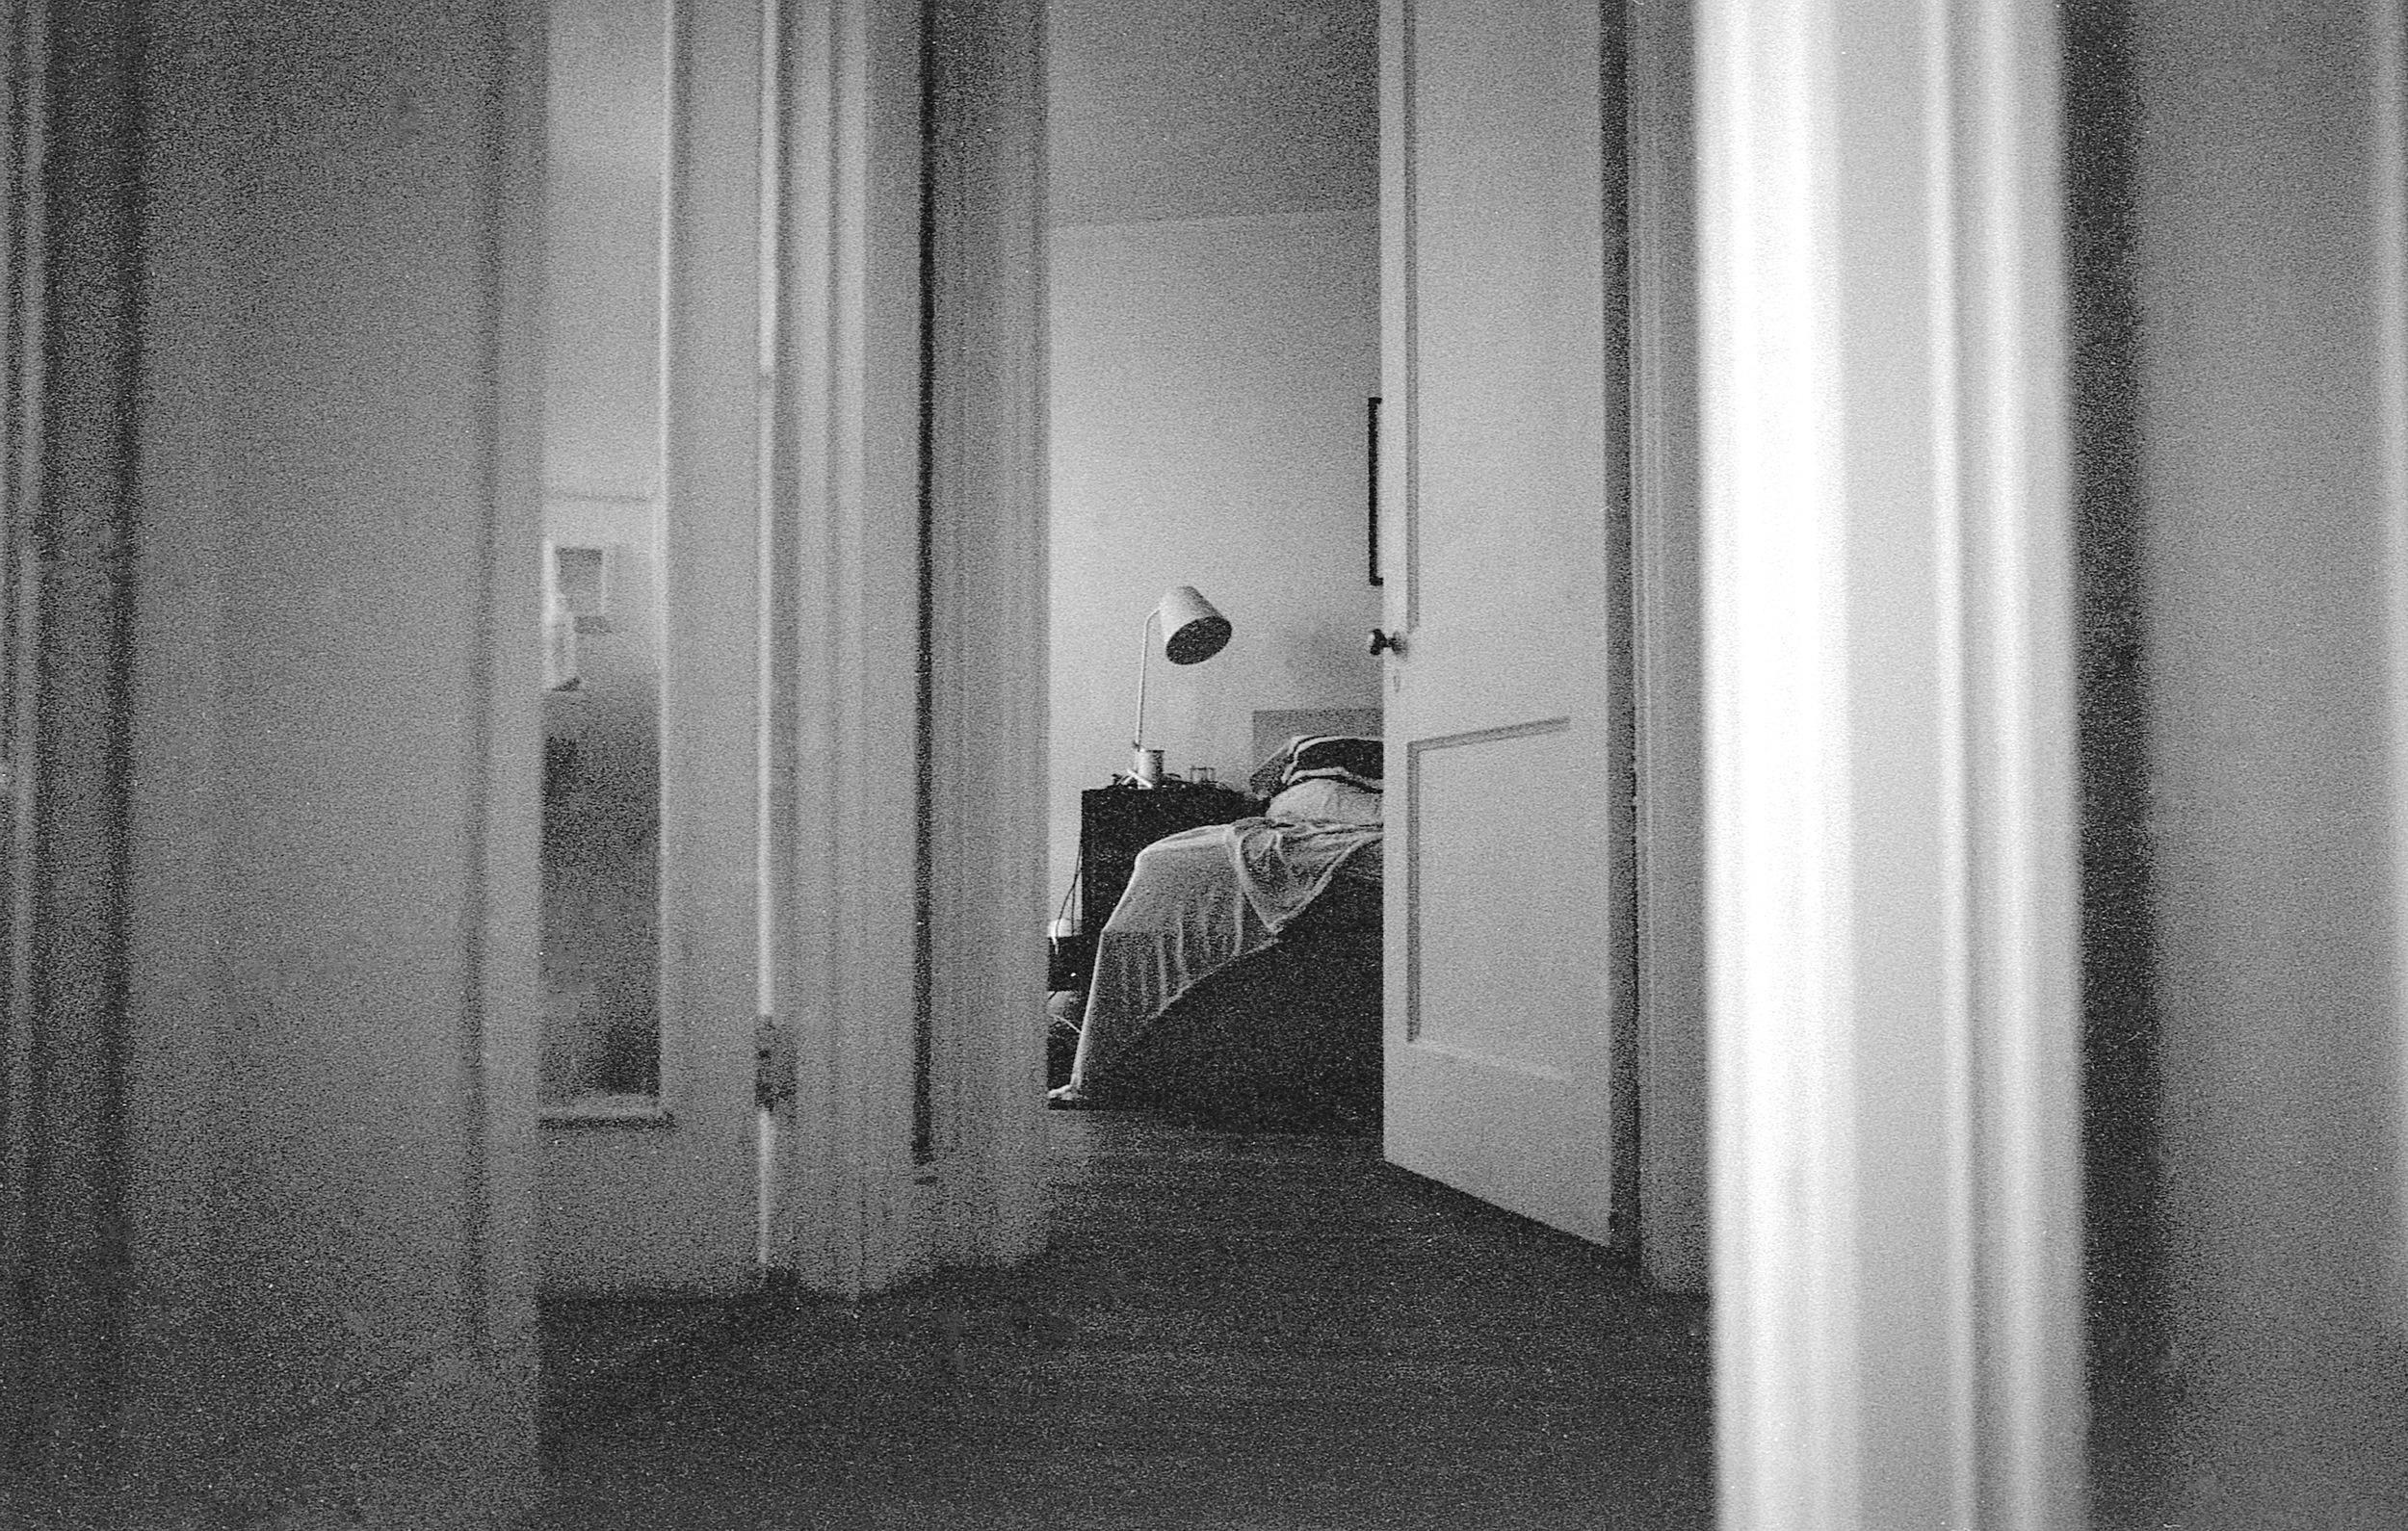 Home alone - Oakland (CatMan)   Tri-X 400 @ 1600